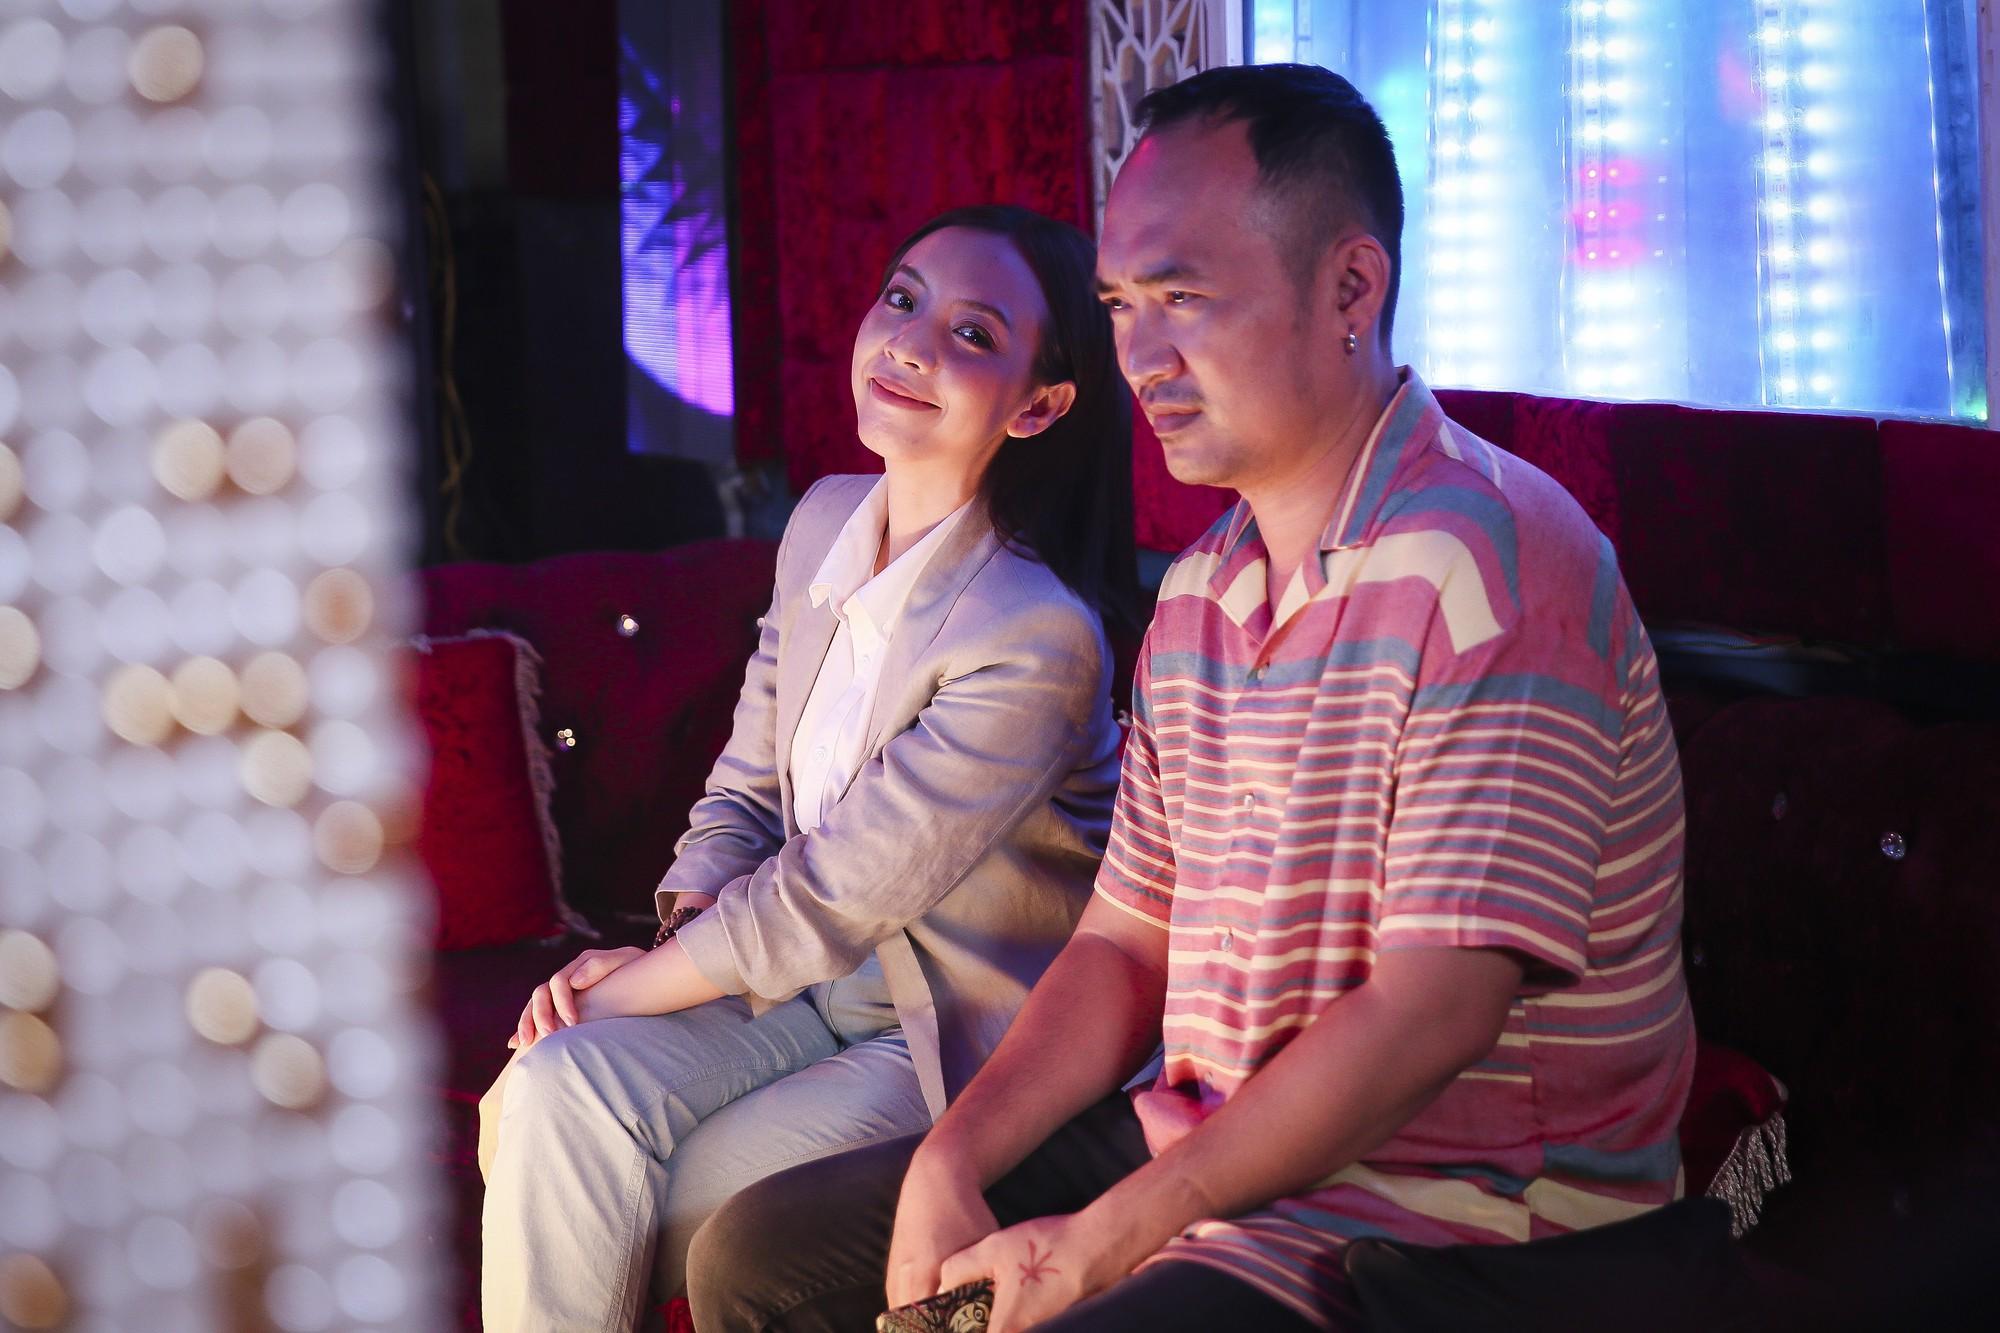 Phá kỉ lục của chính mình, Thu Trang quyết định làm phần 2 cho Thập Tam Muội - Ảnh 4.